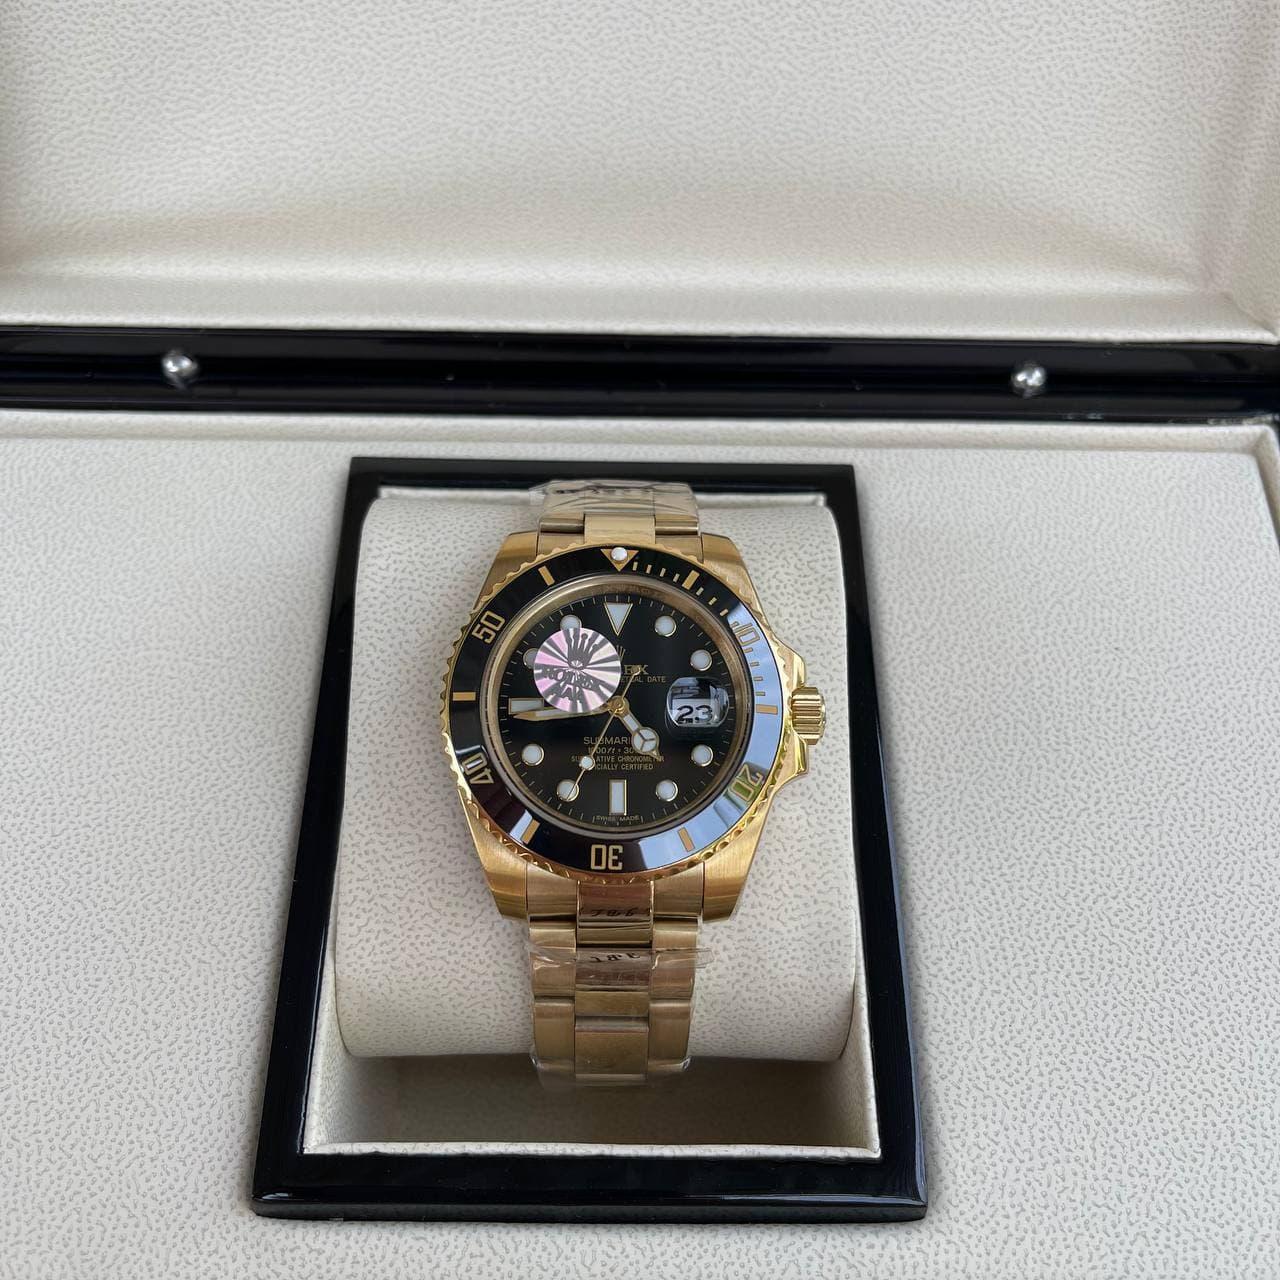 Годинник Rolex Submariner AAA Date Gold-Black преміального класу ААА